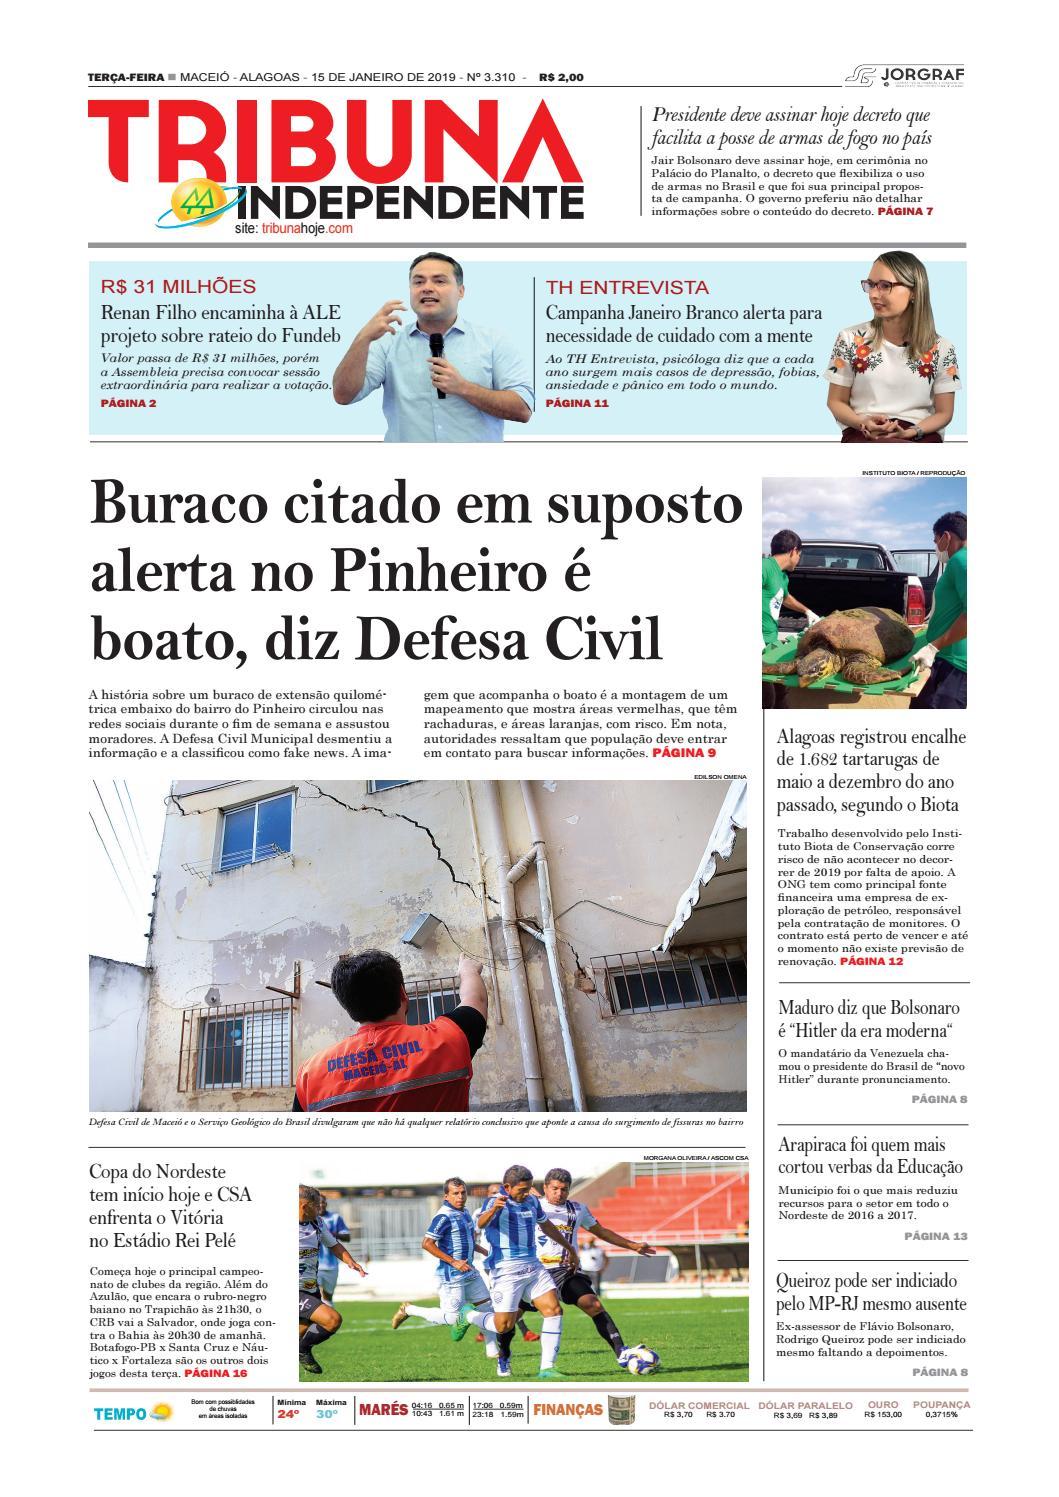 Edição número 3310 - 15 de janeiro de 2019 by Tribuna Hoje - issuu b8390fdca9